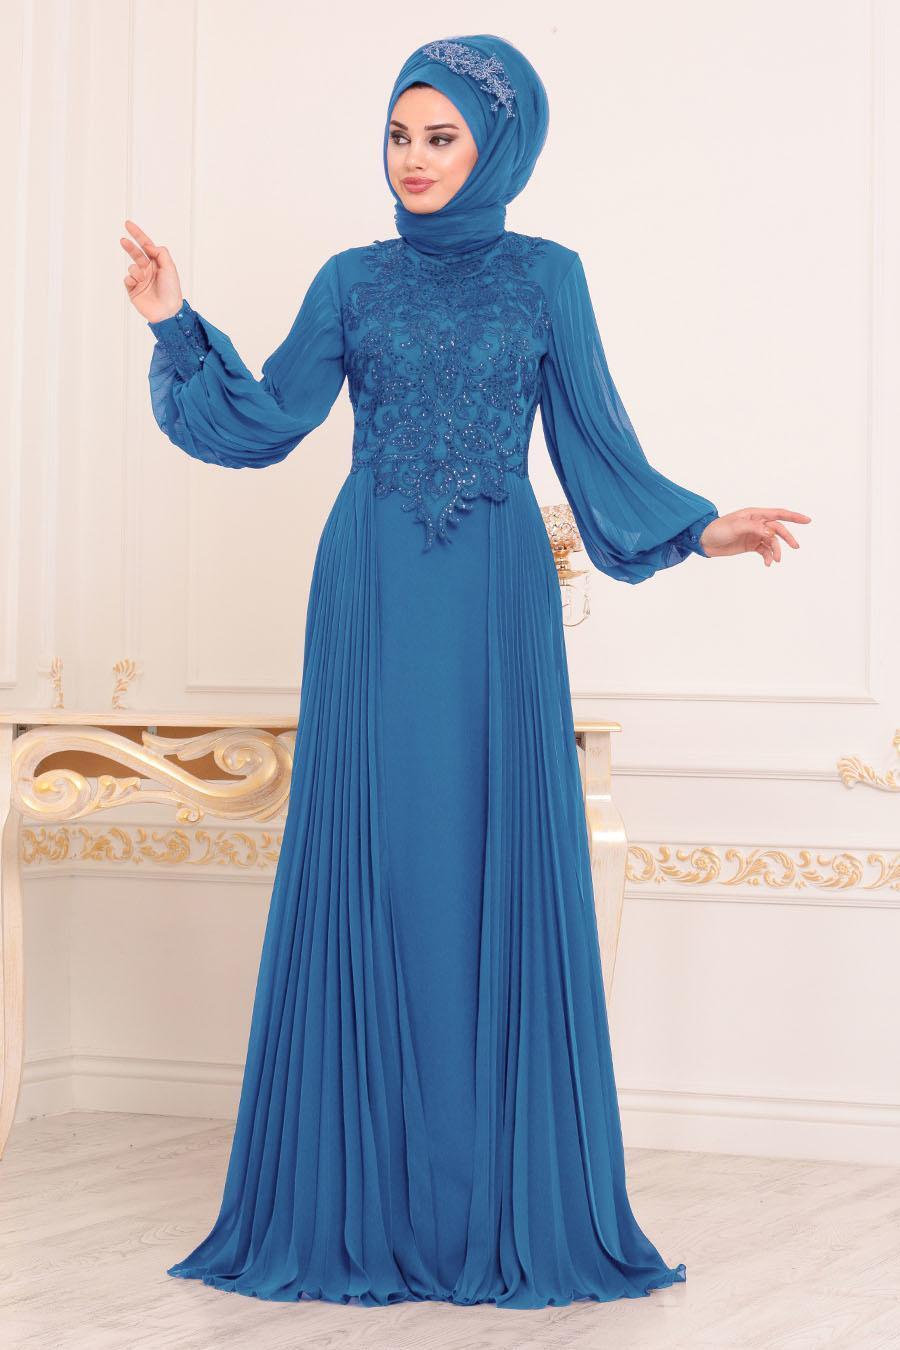 Tesettürlü Abiye Elbise - Dantel Detaylı İndigo Mavisi Tesettür Abiye Elbise 46220IM